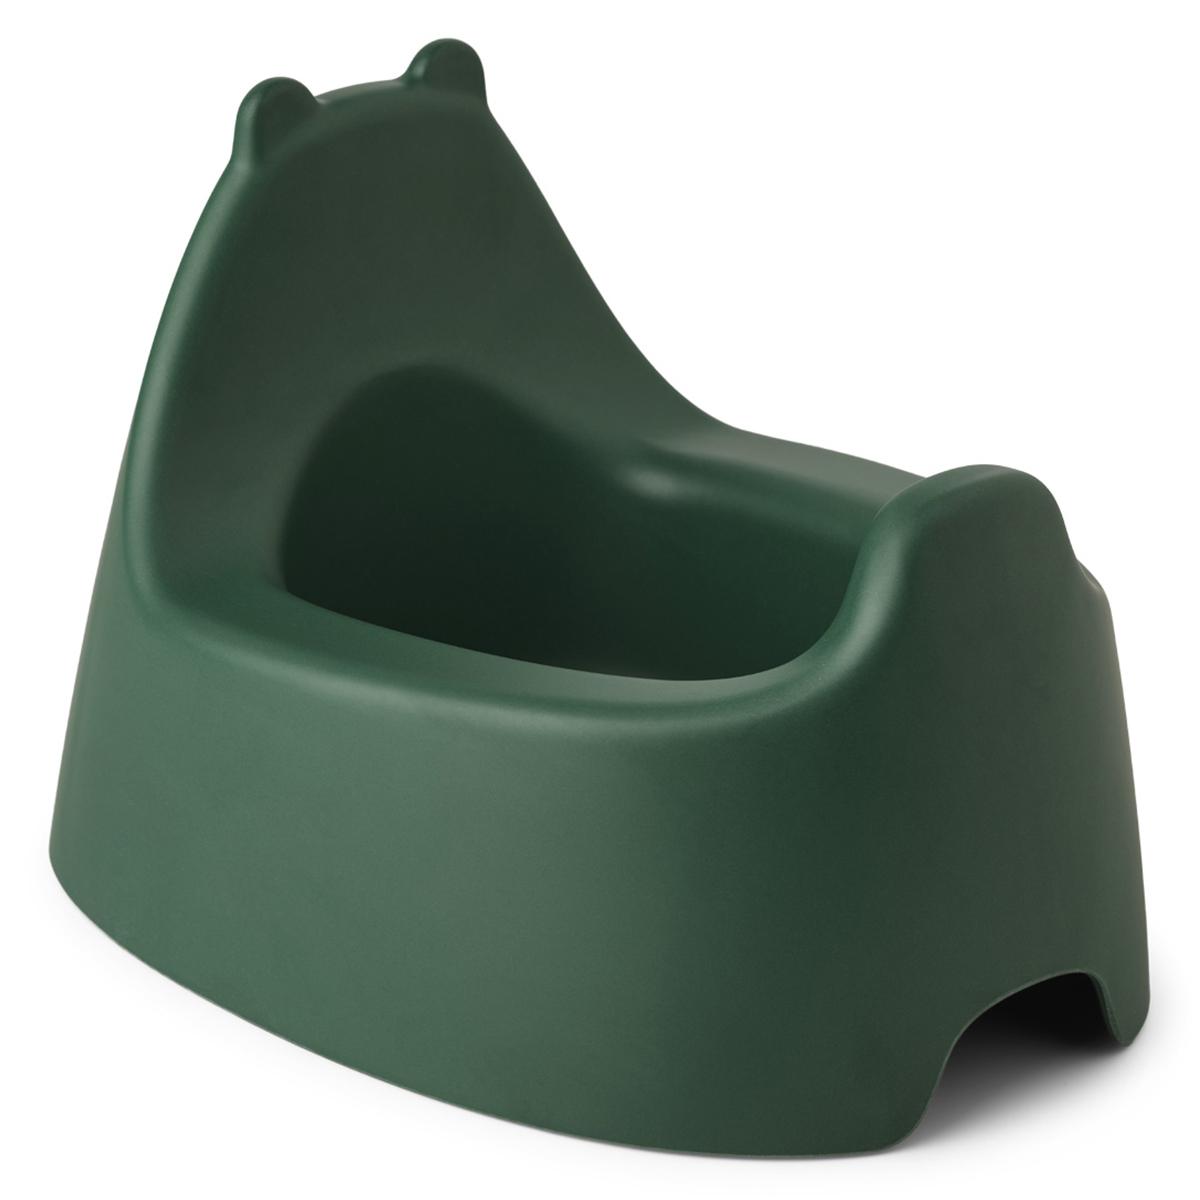 Pot & Réducteur Pot Bébé Jonatan - Garden Green Pot Bébé Jonatan - Garden Green